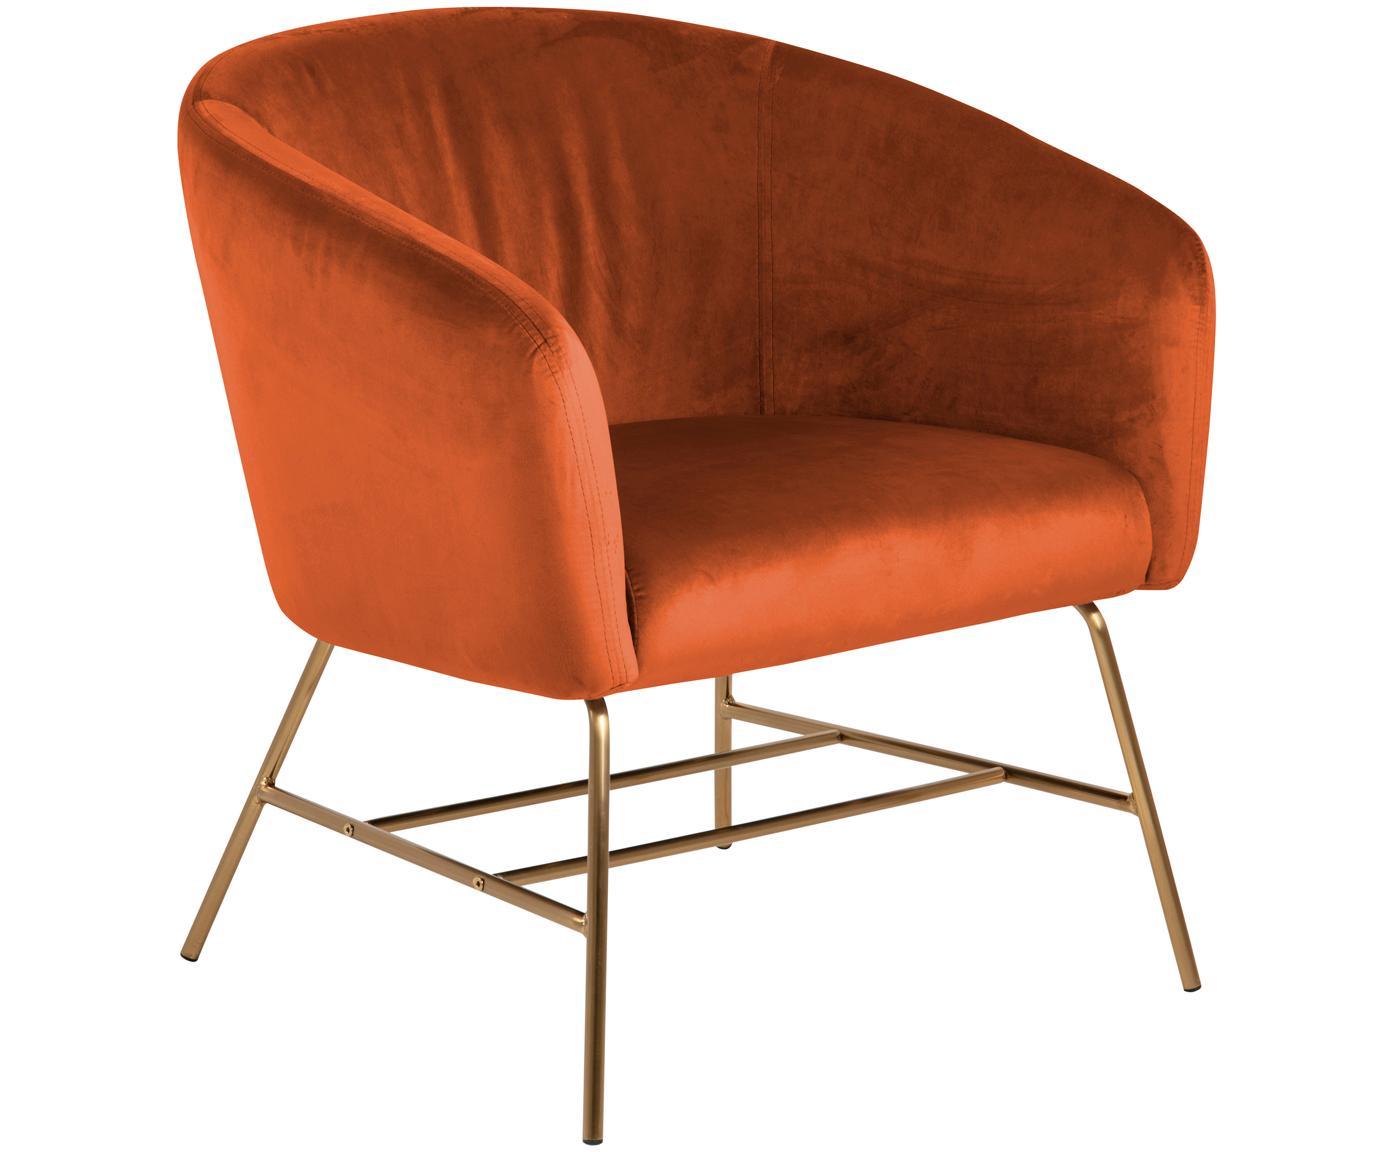 Fotel koktajlowy z aksamitu Ramsey, Tapicerka: aksamit poliestrowy 2500, Nogi: metal lakierowany, Odcienie miedzi, S 72 x G 67 cm